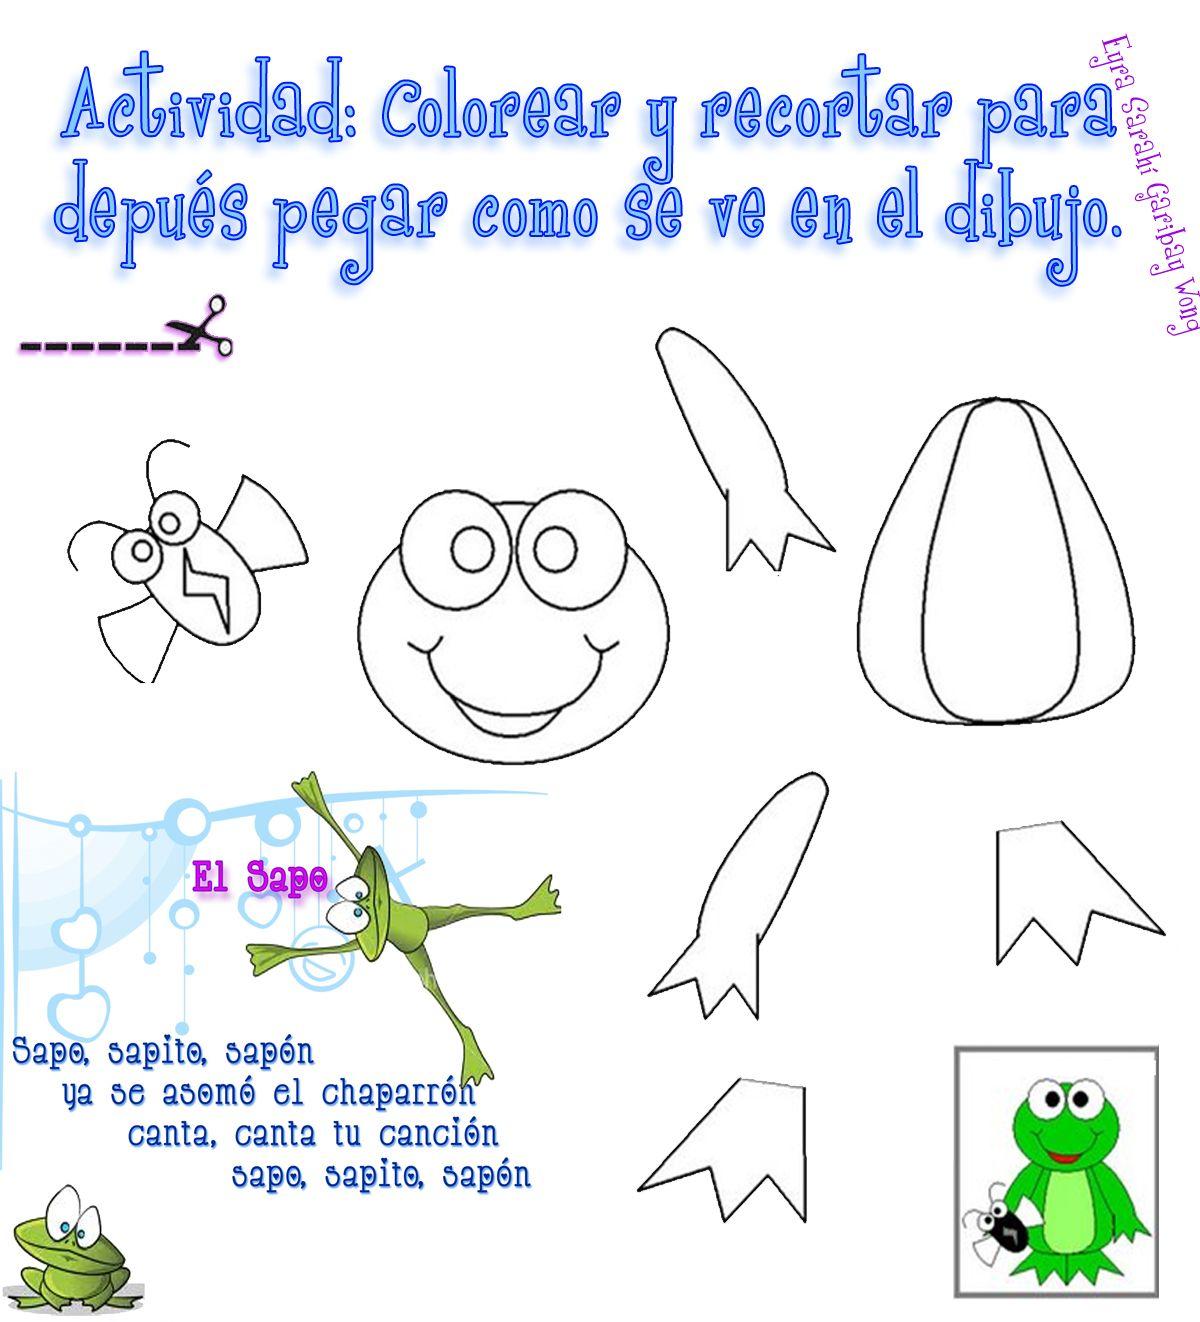 El Lenguaje de los Niños: Rimas para Preescolar con dibujos ...